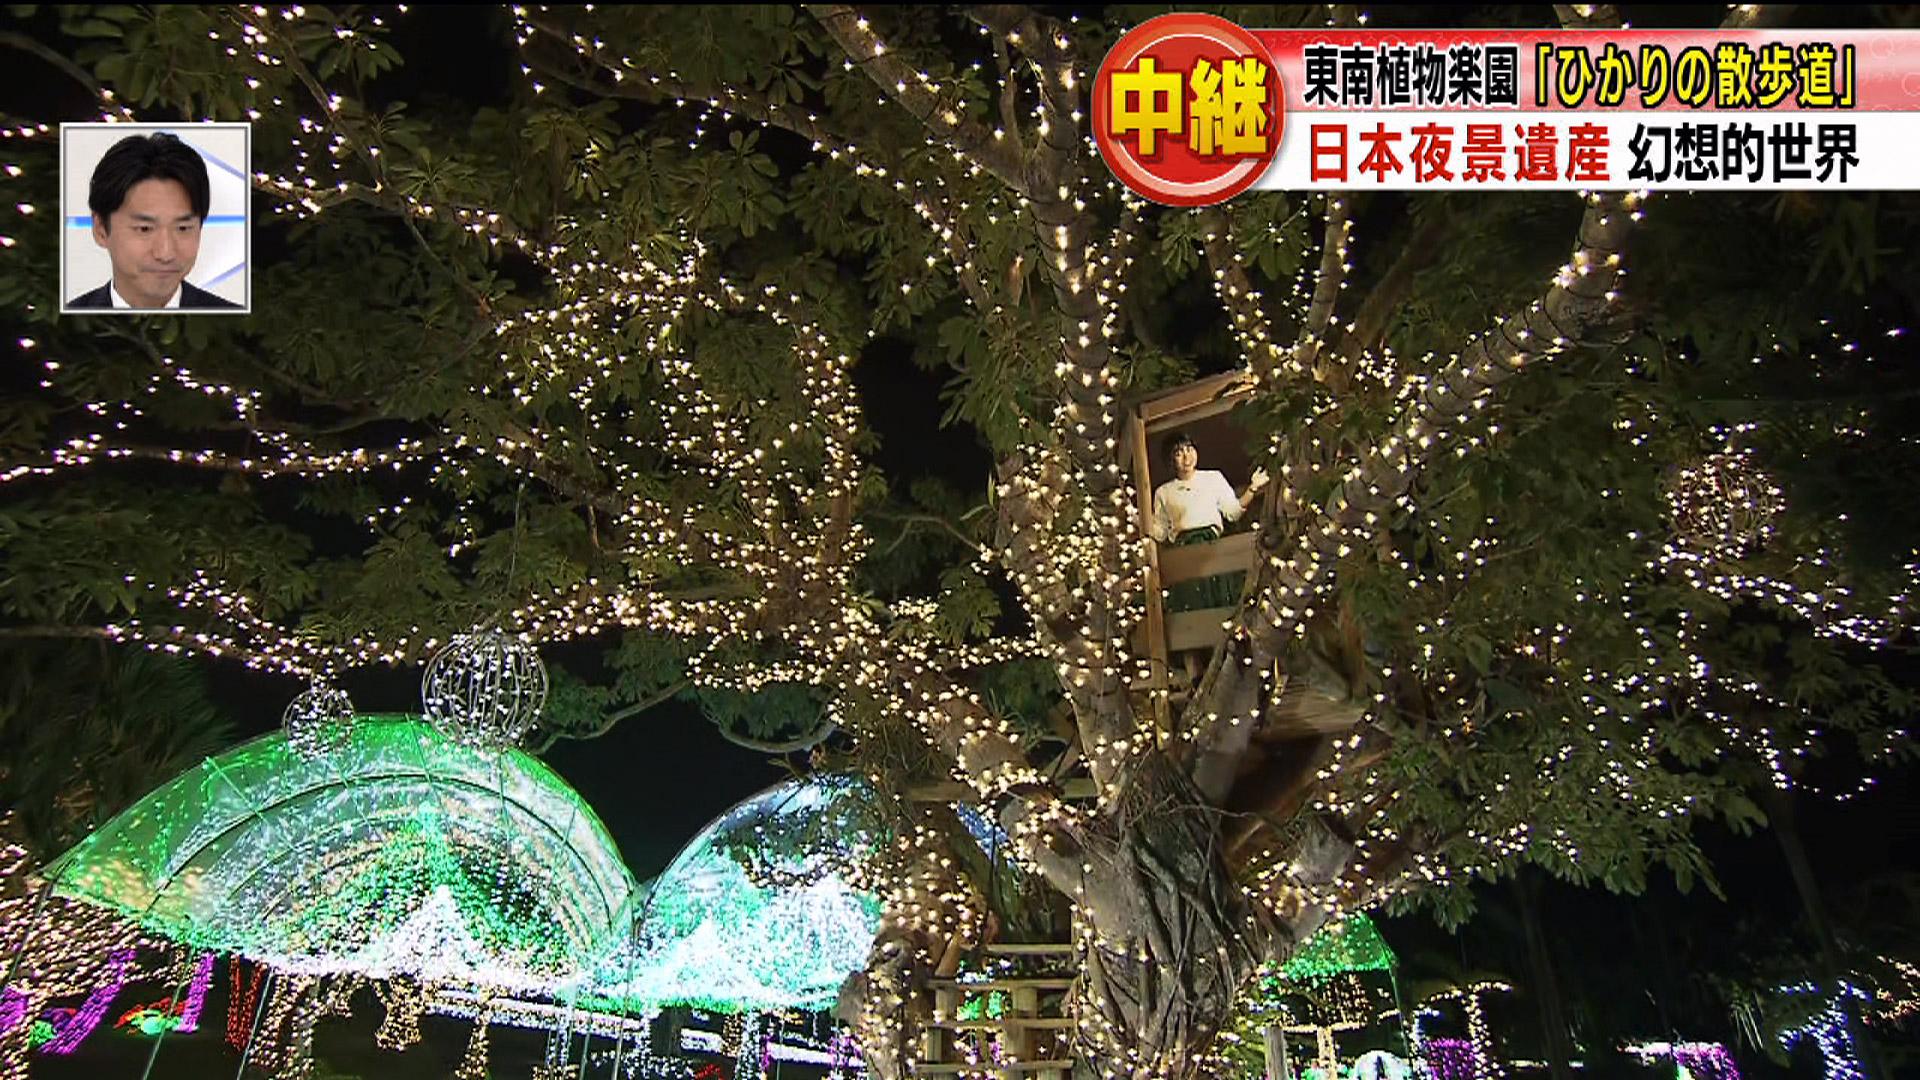 中継 日本夜景遺産 東南植物楽園「ひかりの散歩道」